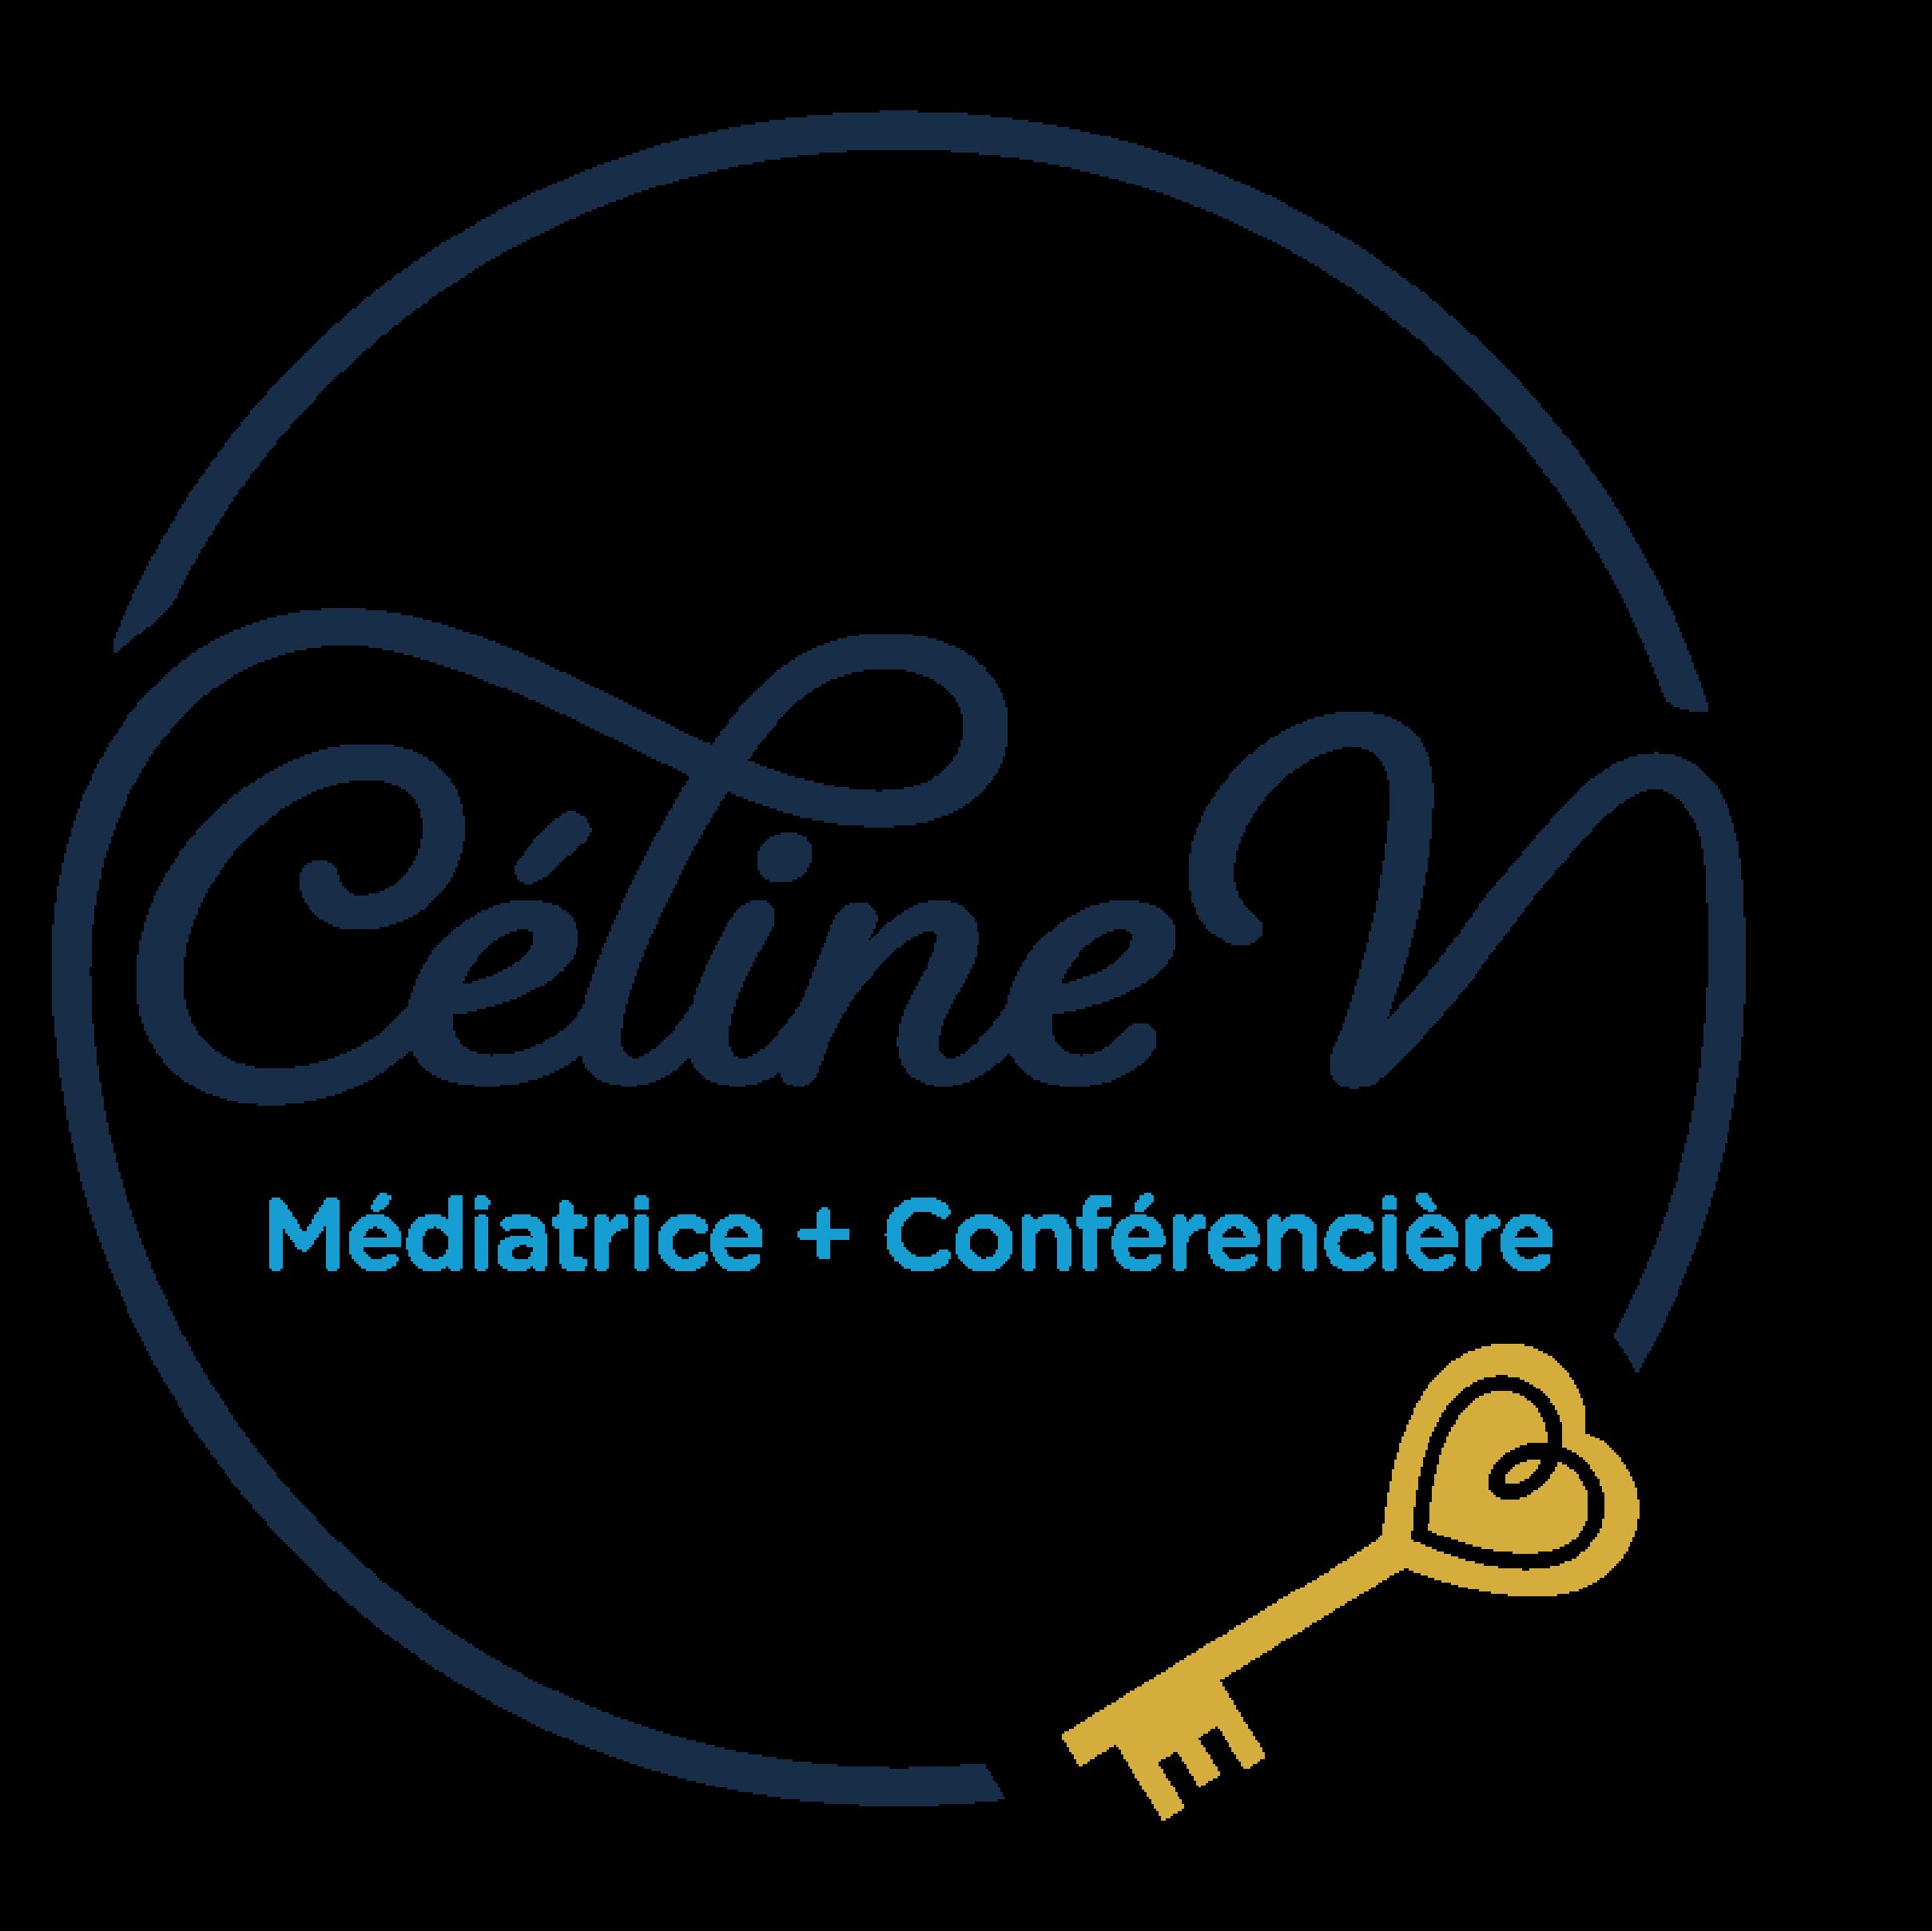 Céline Vallières